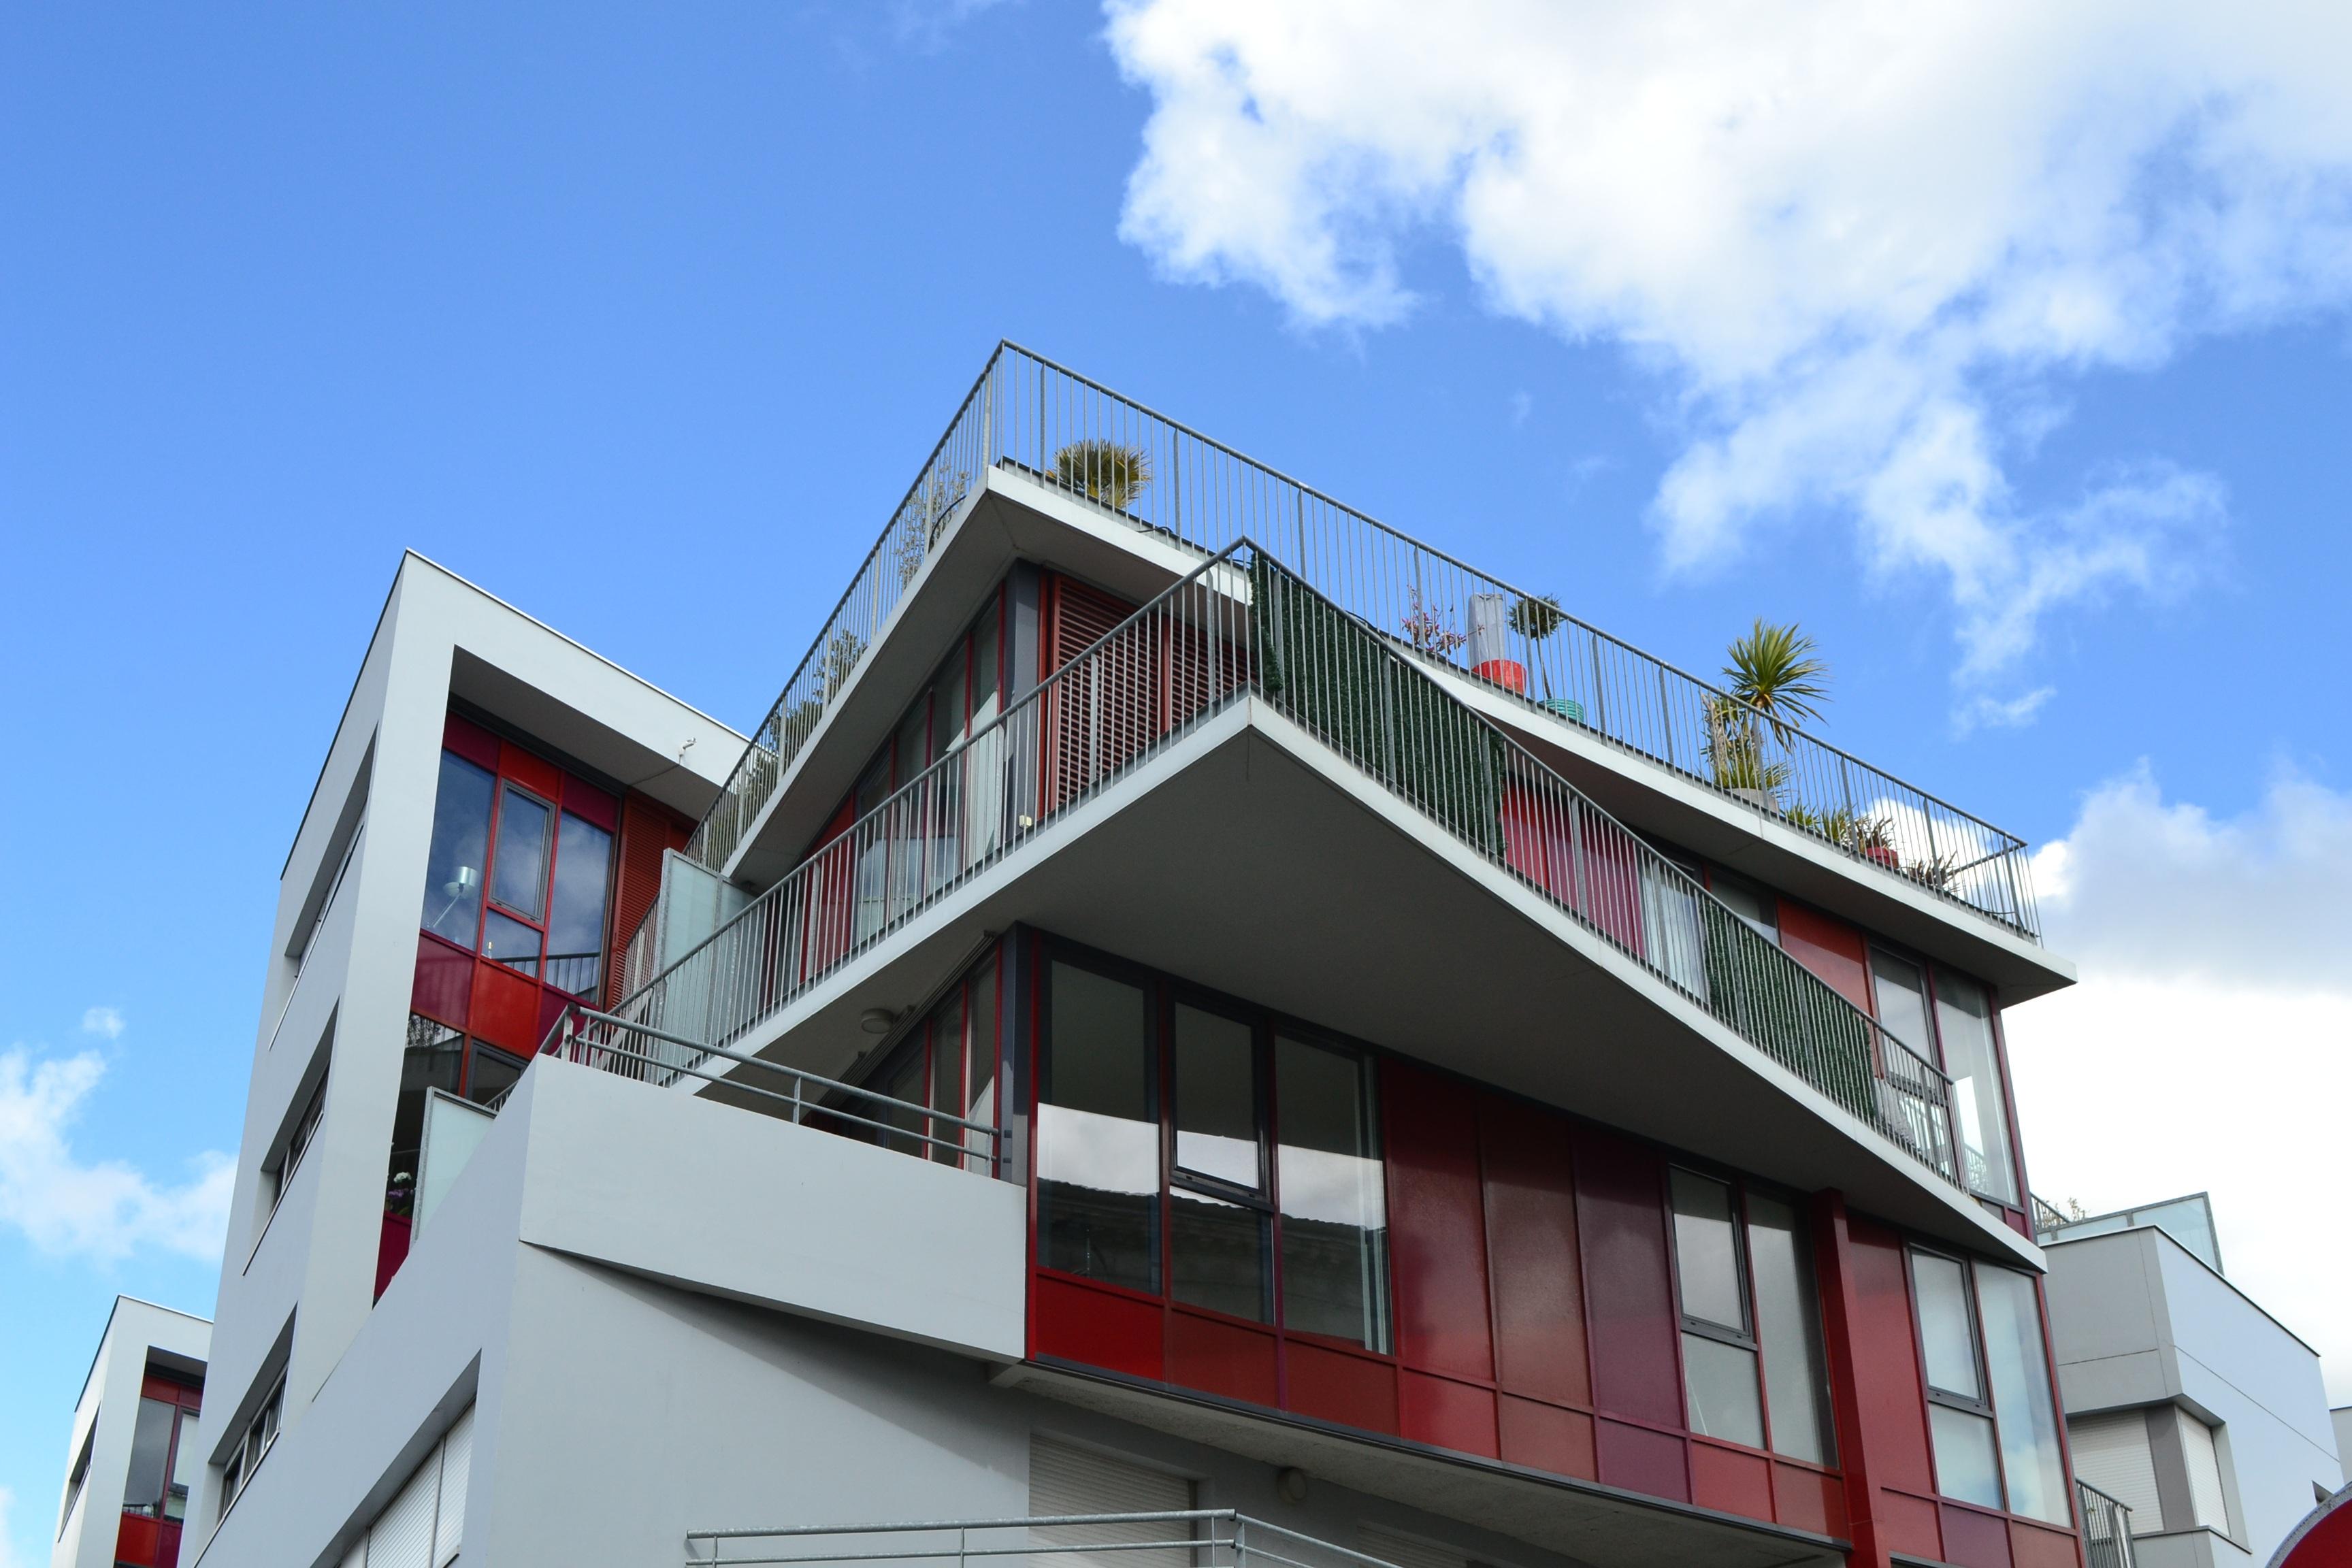 Картинки : архитектура, дом, здание, главная, балкон, фасад,.